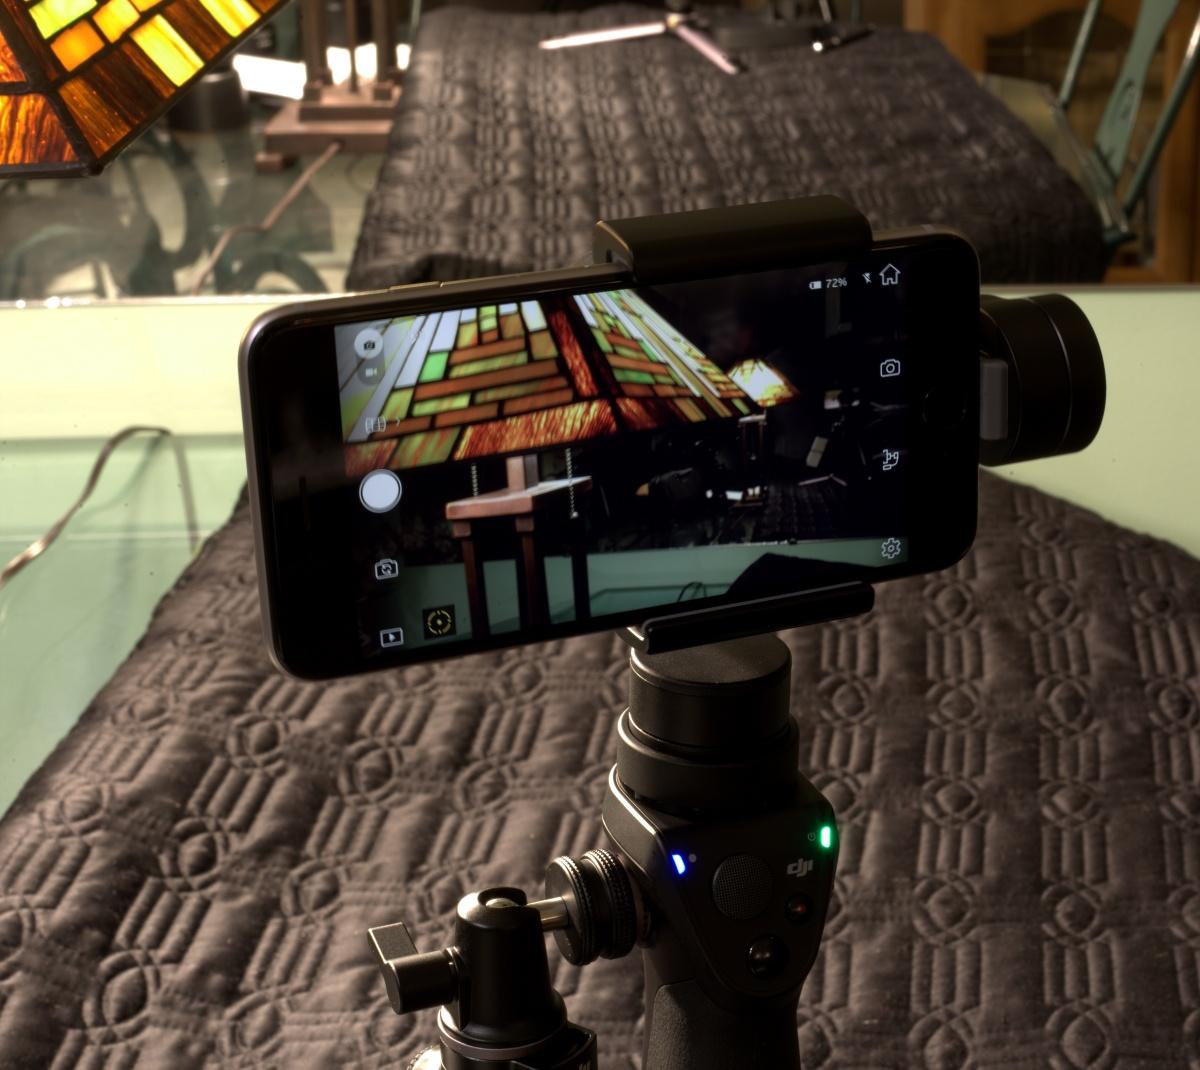 Technology ~ Gimble–DJI Osmo Mobile,09/21